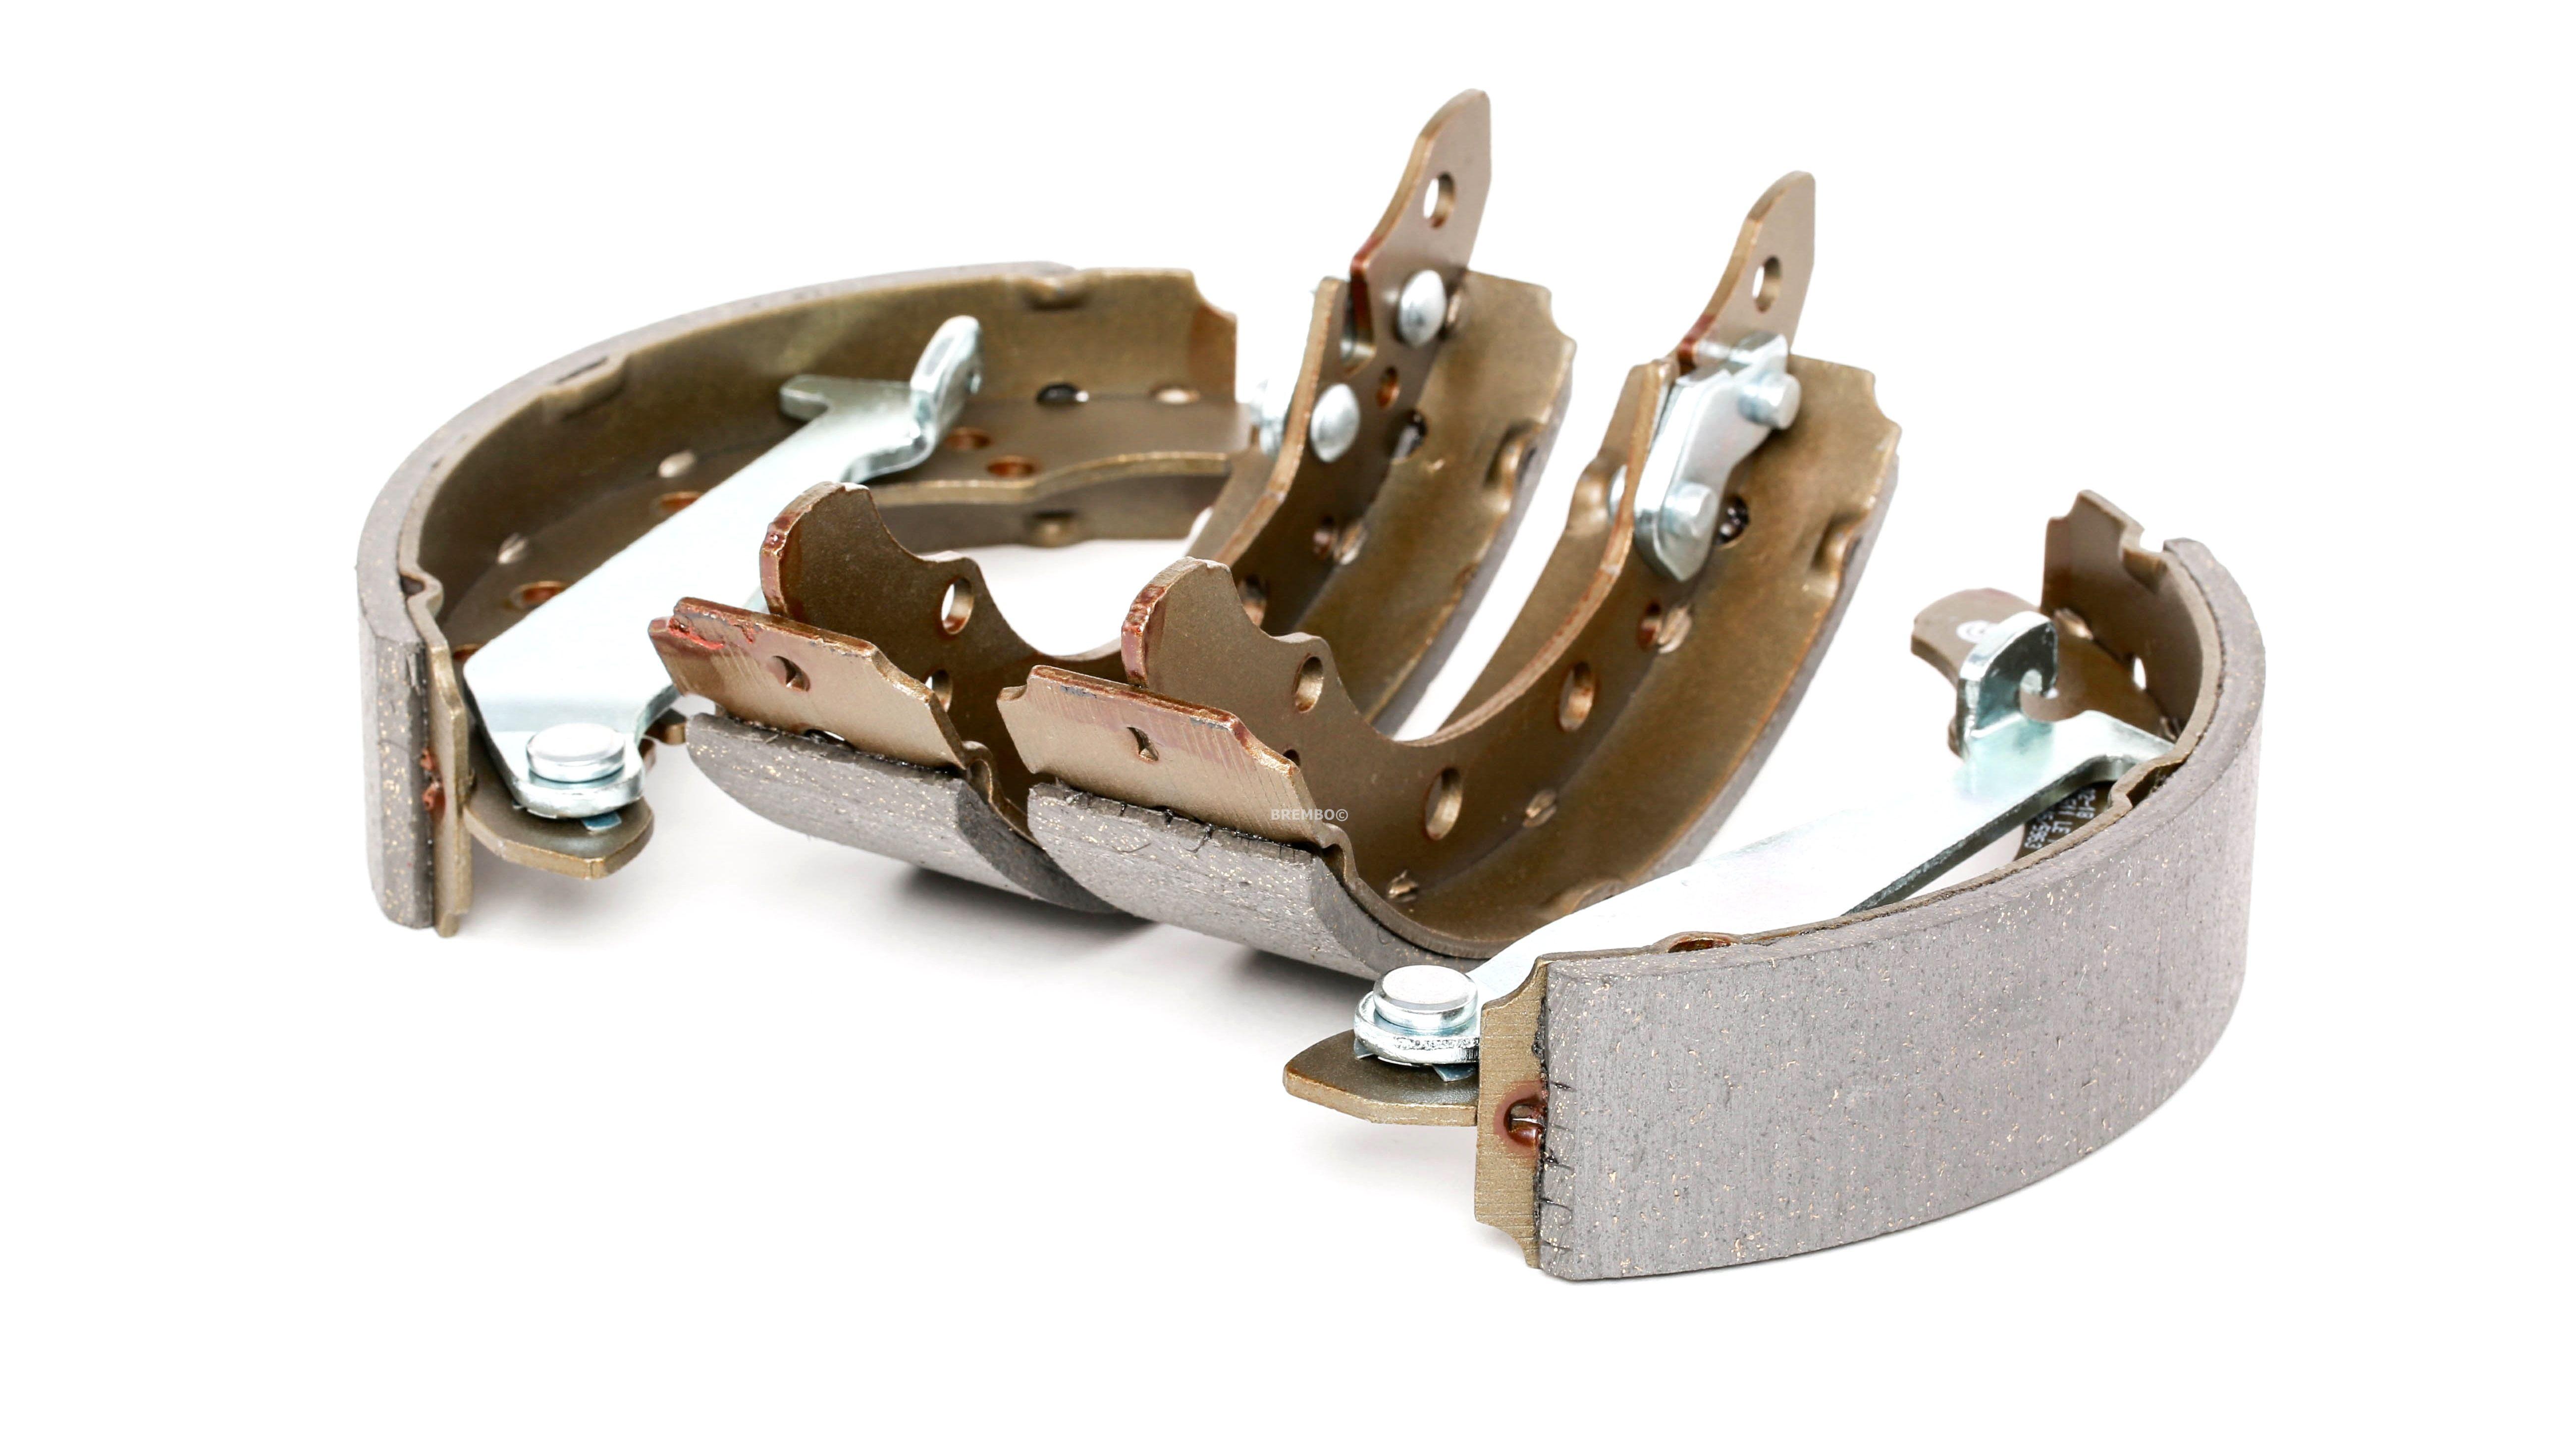 Original PORSCHE Bremsbeläge für Trommelbremsen S 85 511